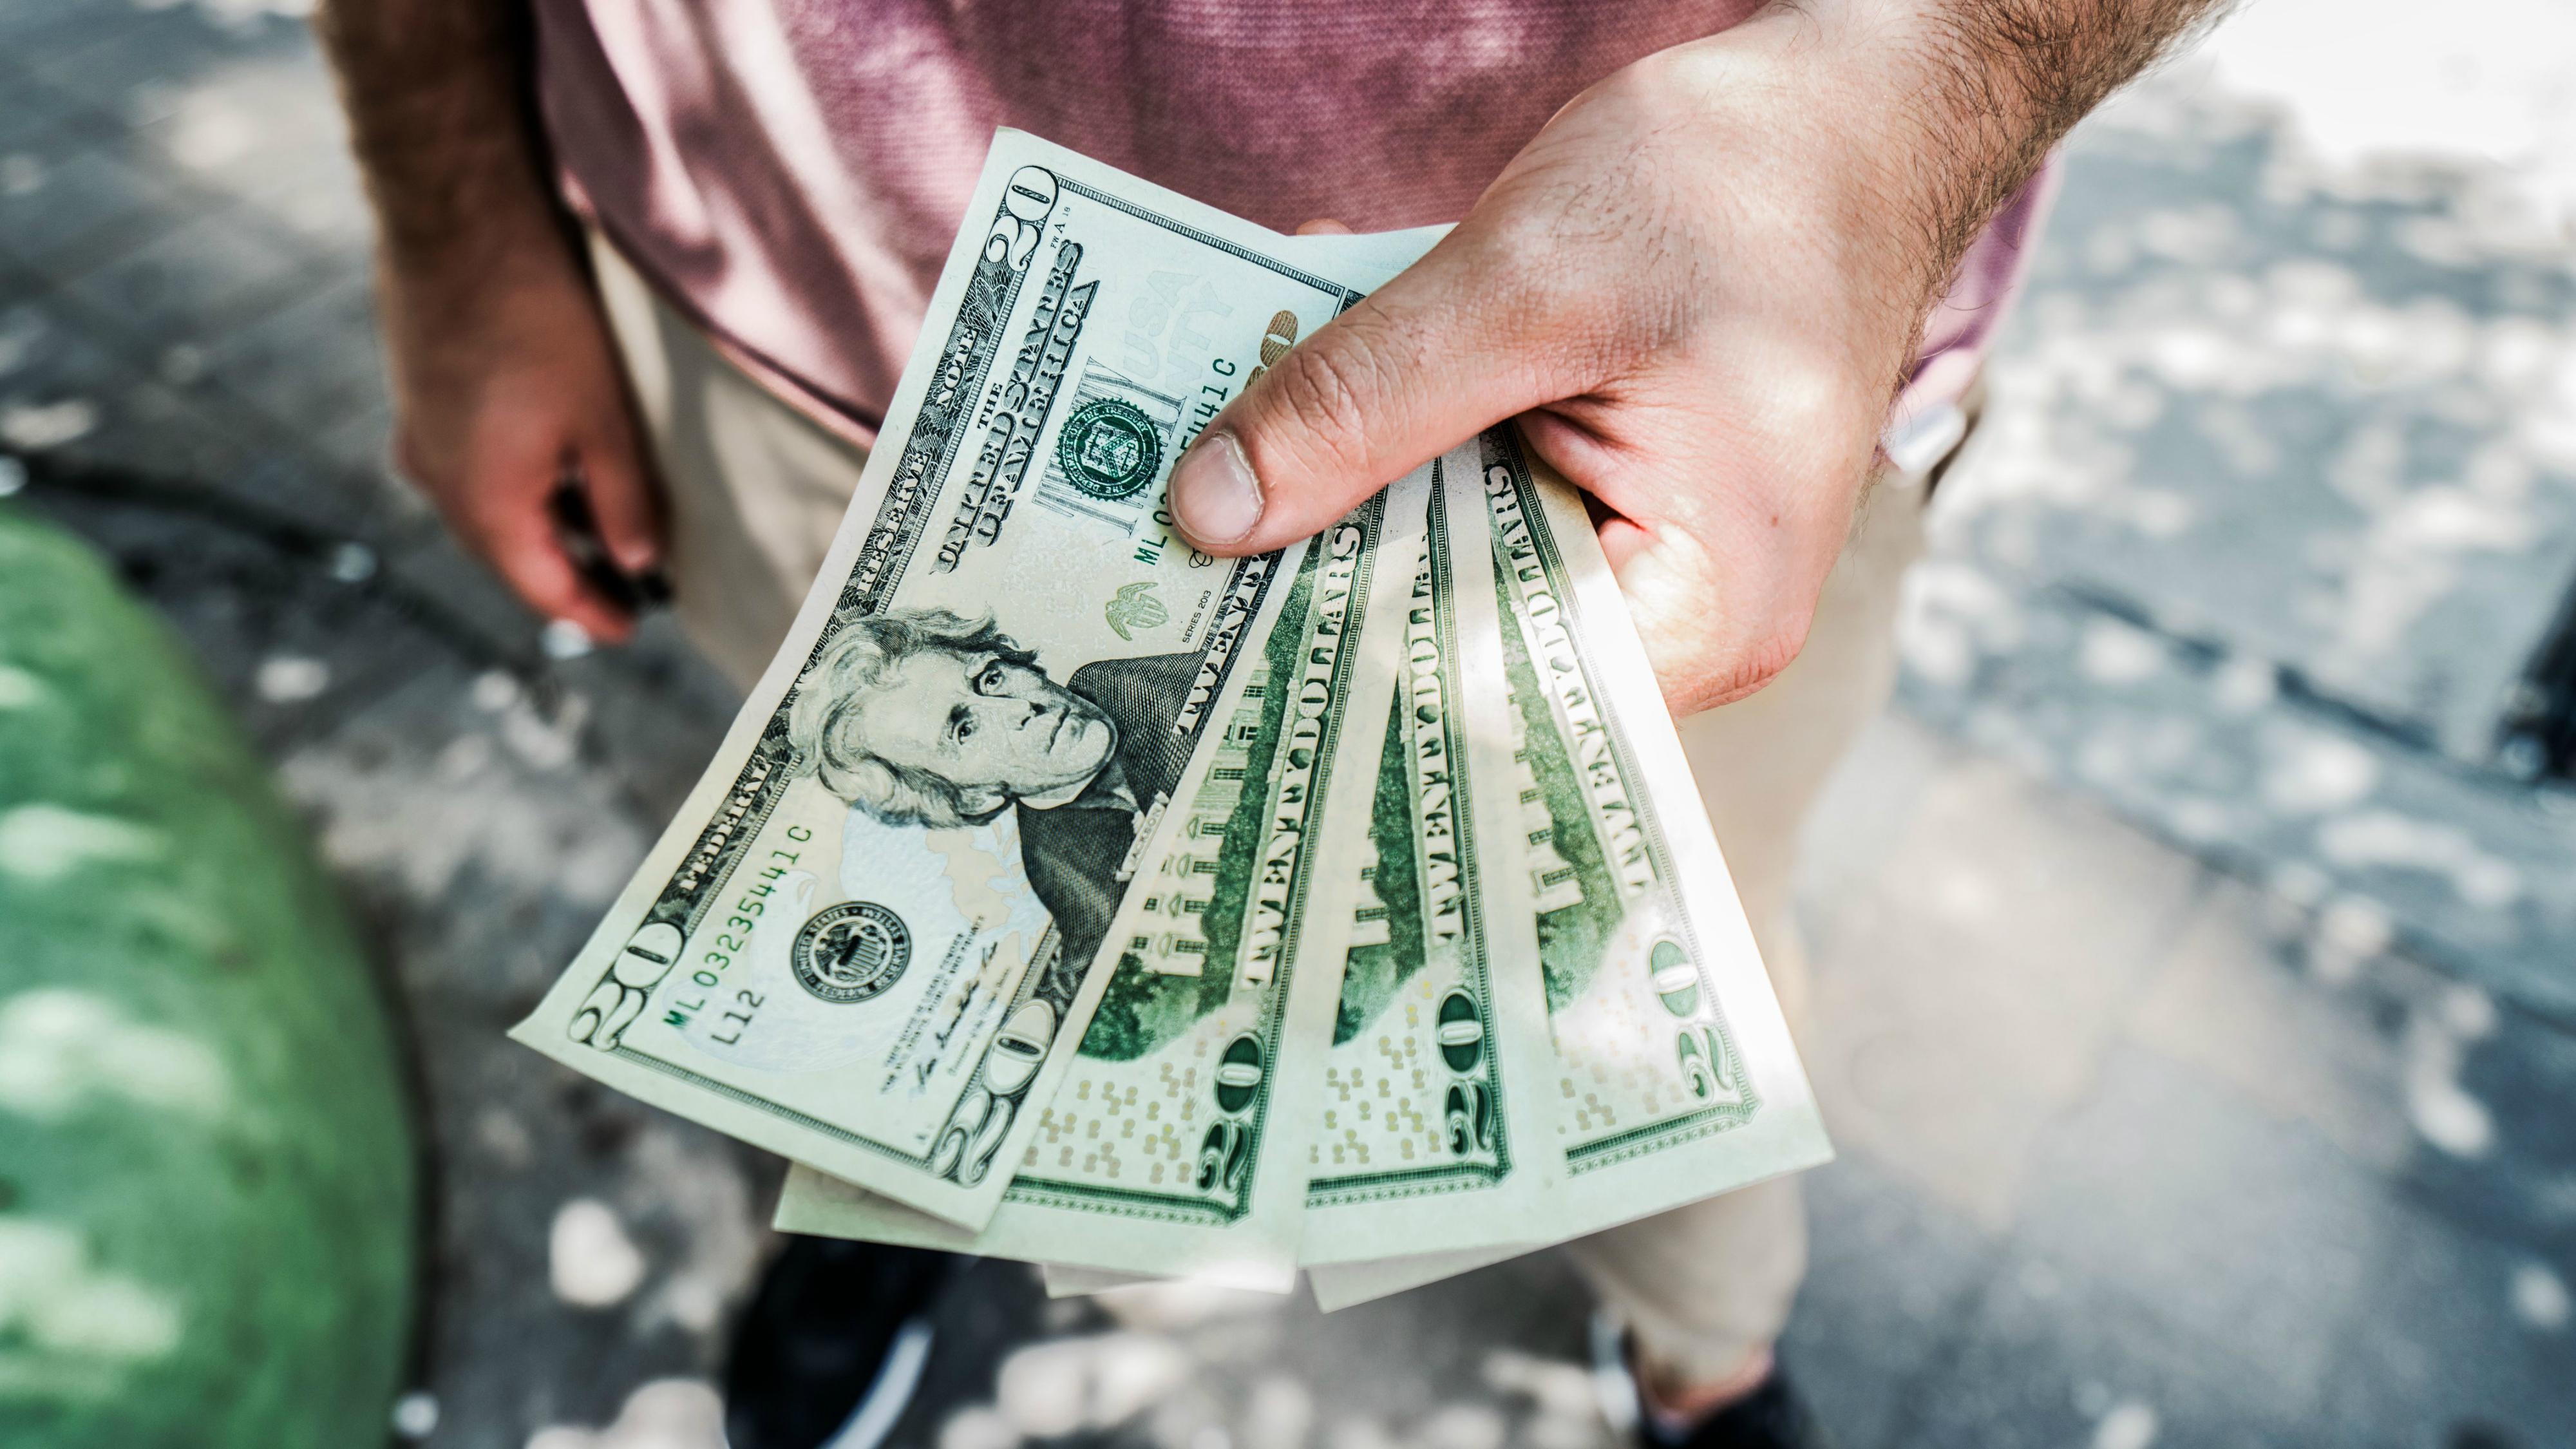 ko jūs varat īrēt, lai nopelnītu naudu